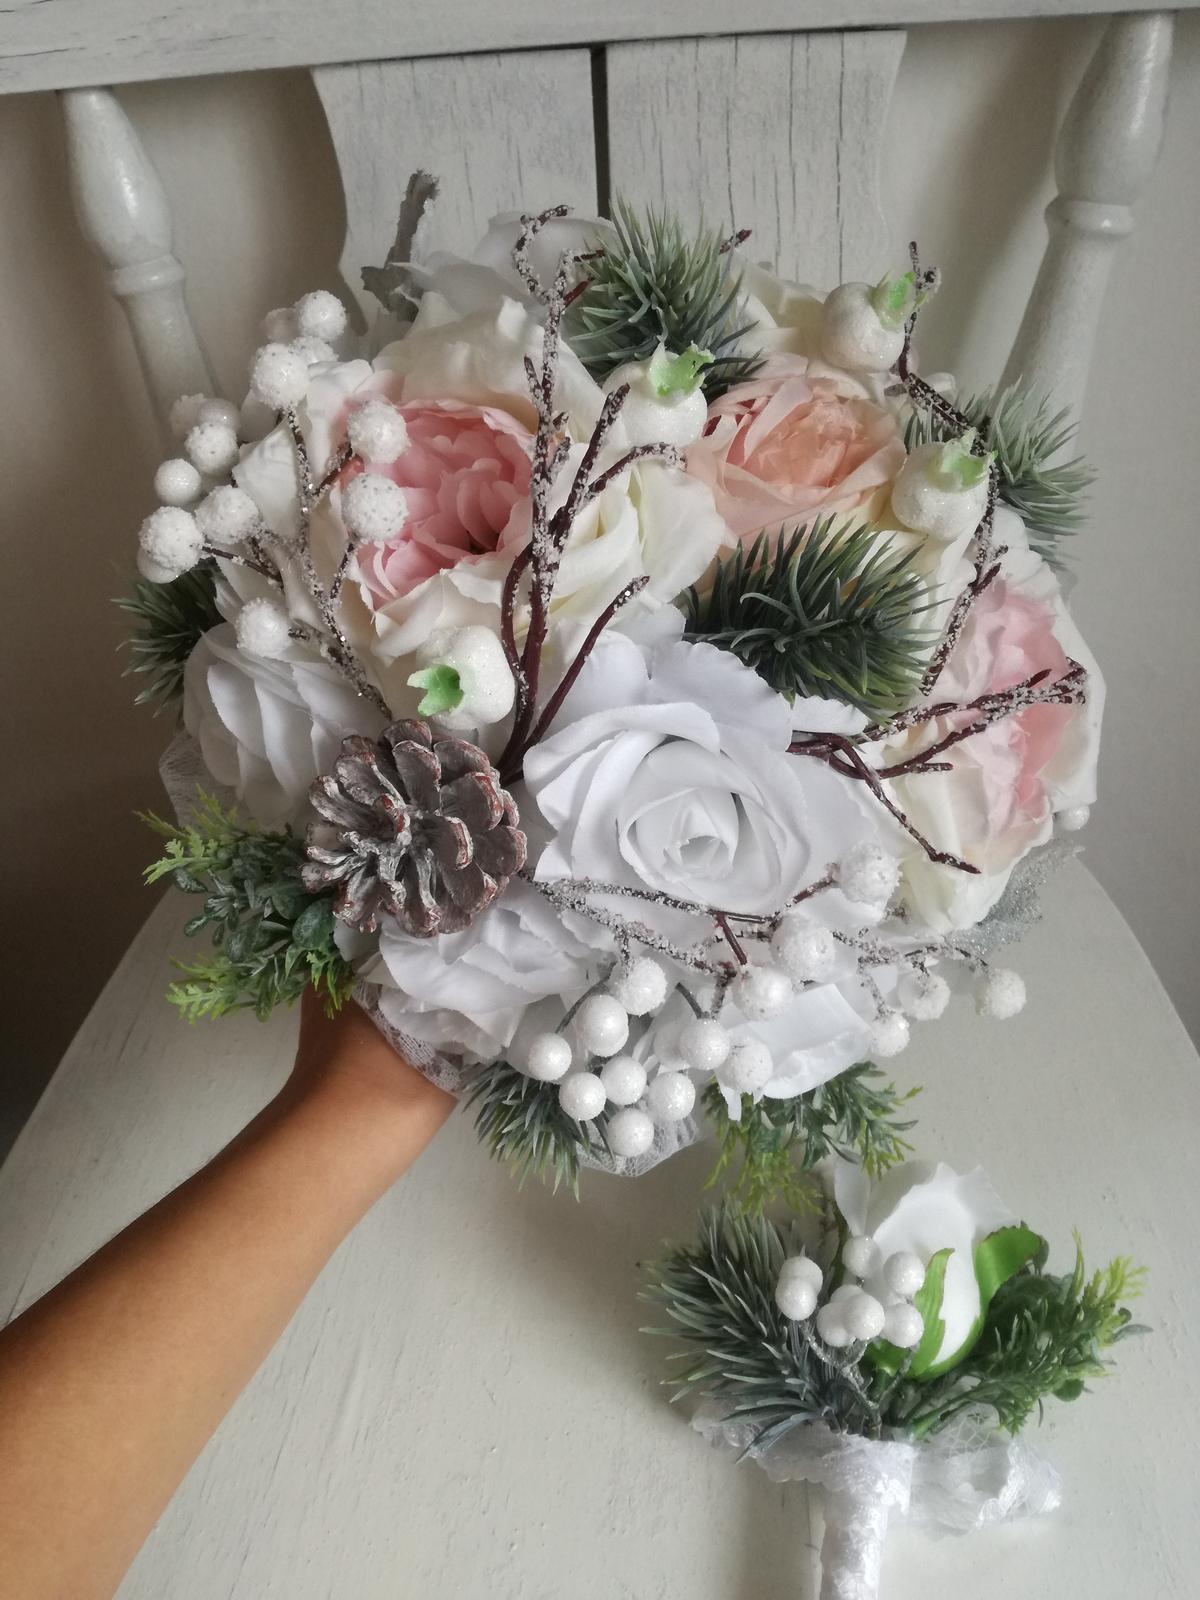 Z umelých kvetov - Obrázok č. 45